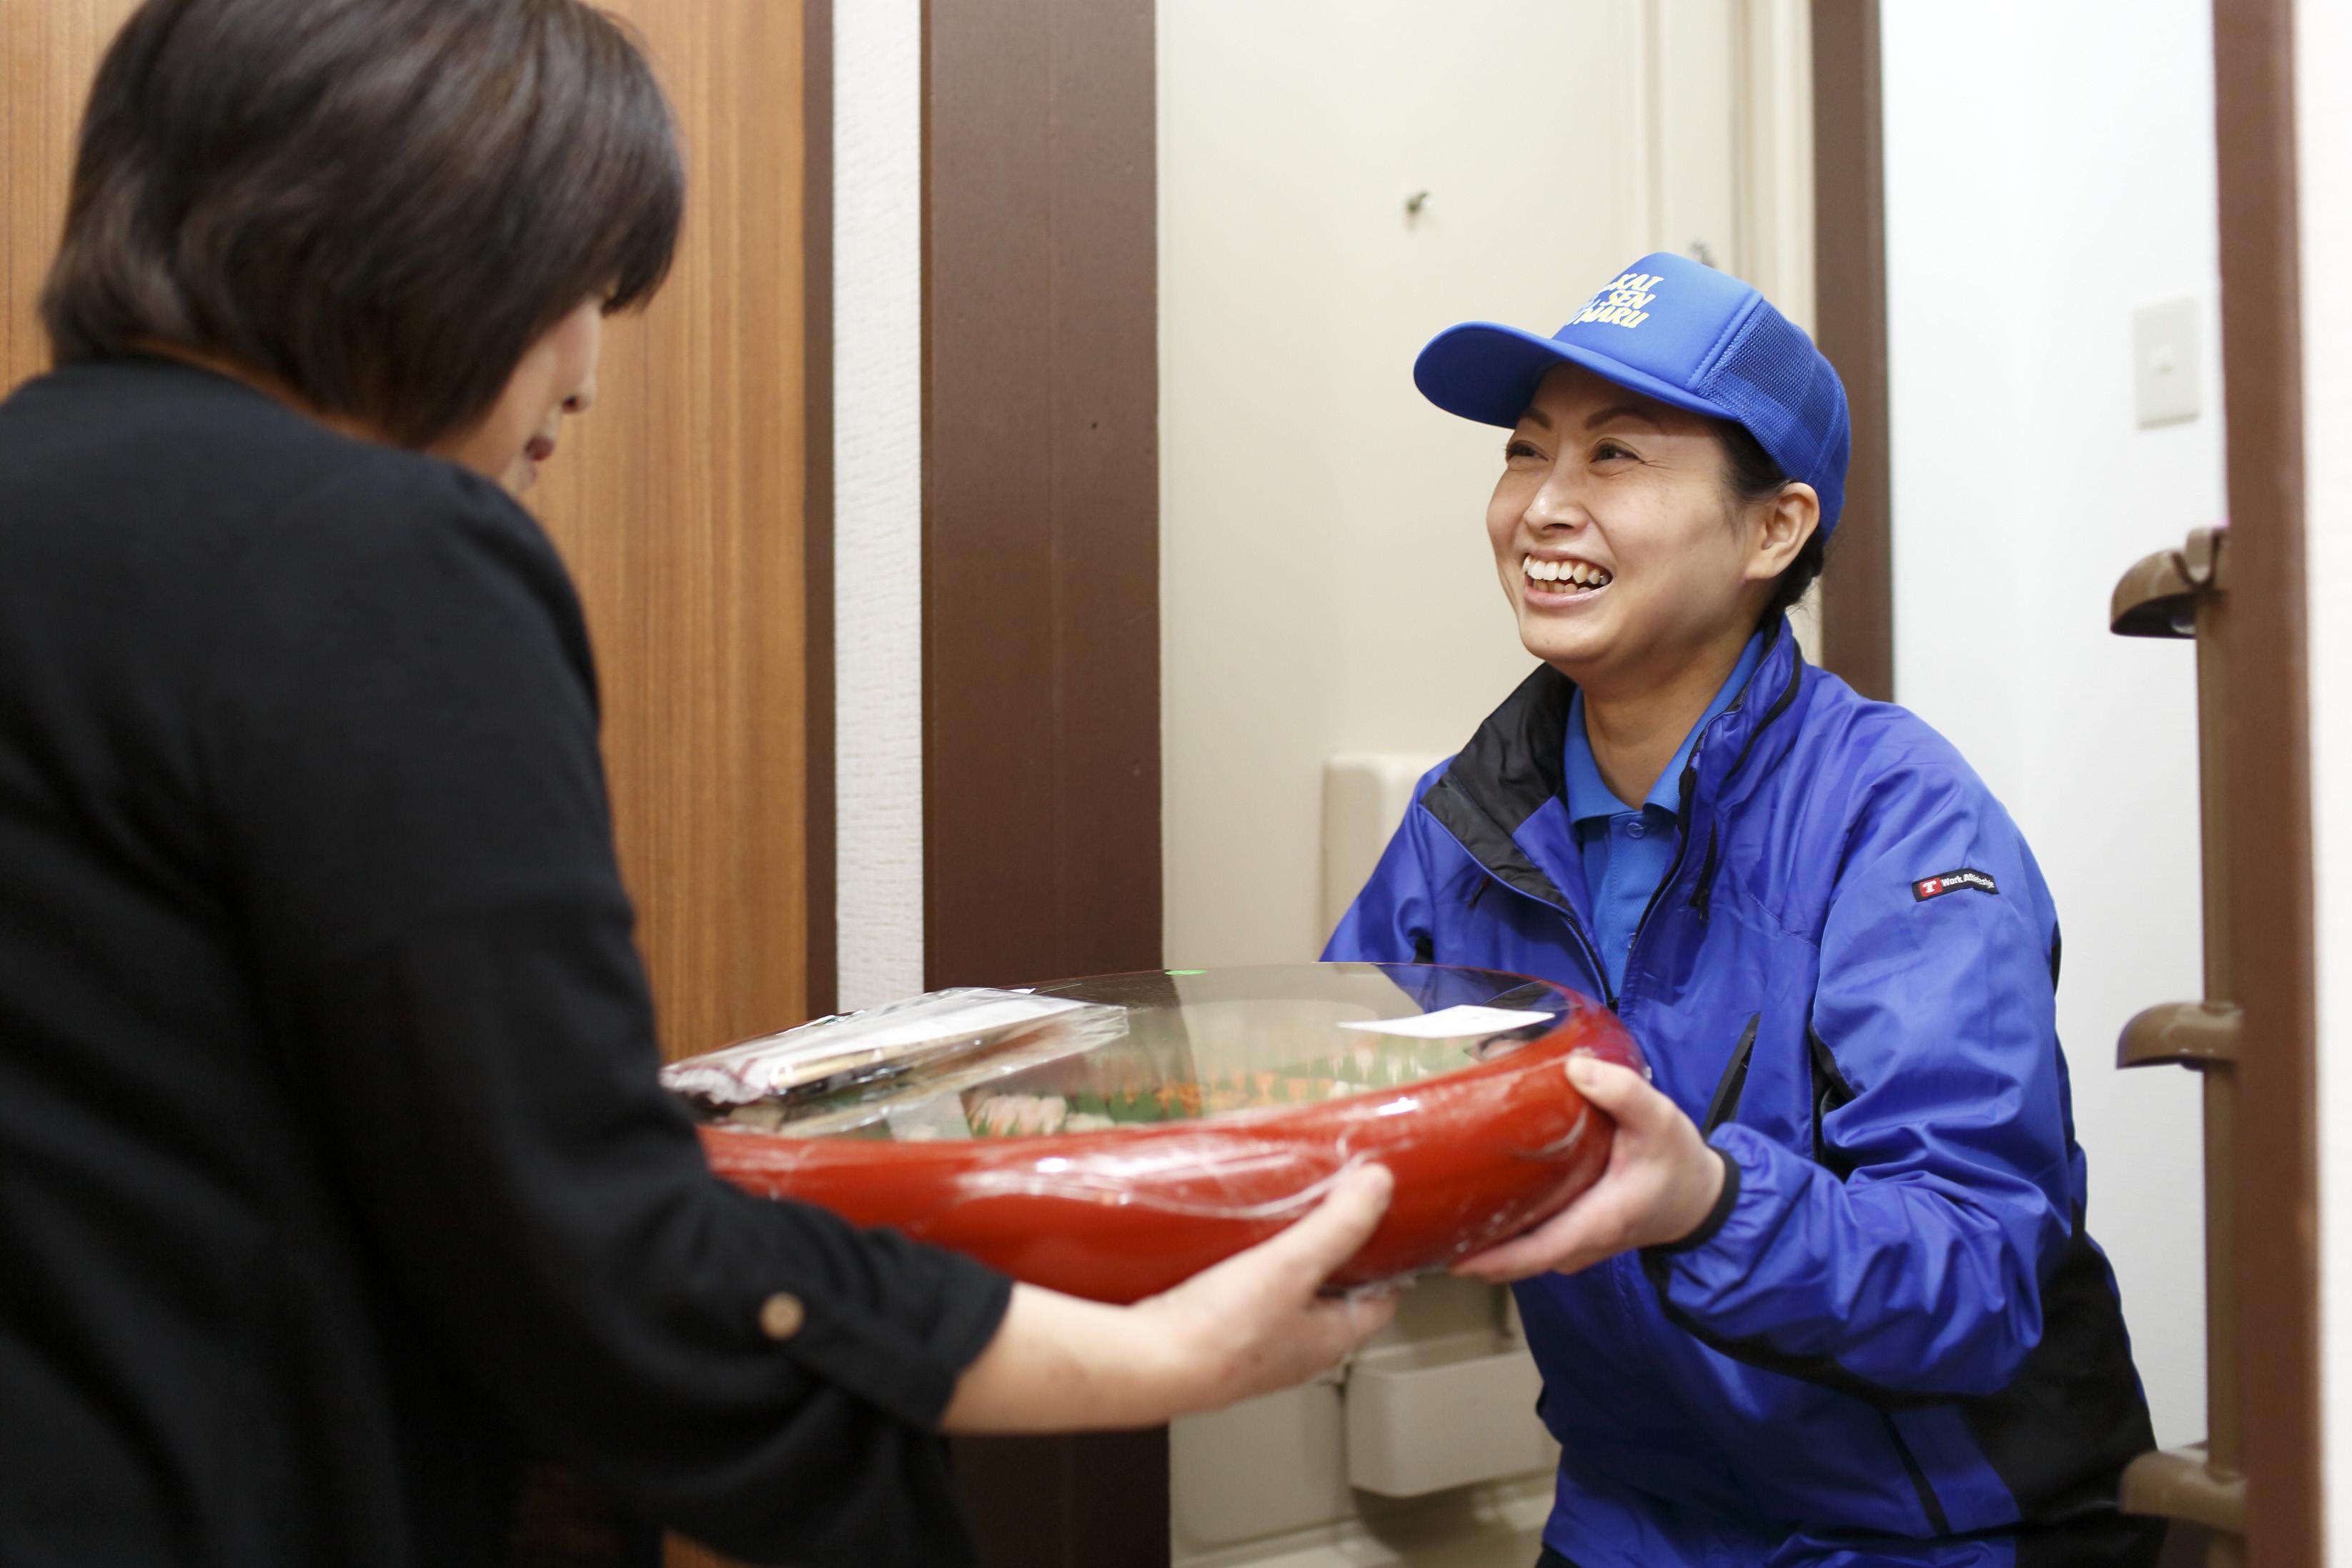 札幌海鮮丸 二和店 デリバリー(配達)スタッフのアルバイト情報